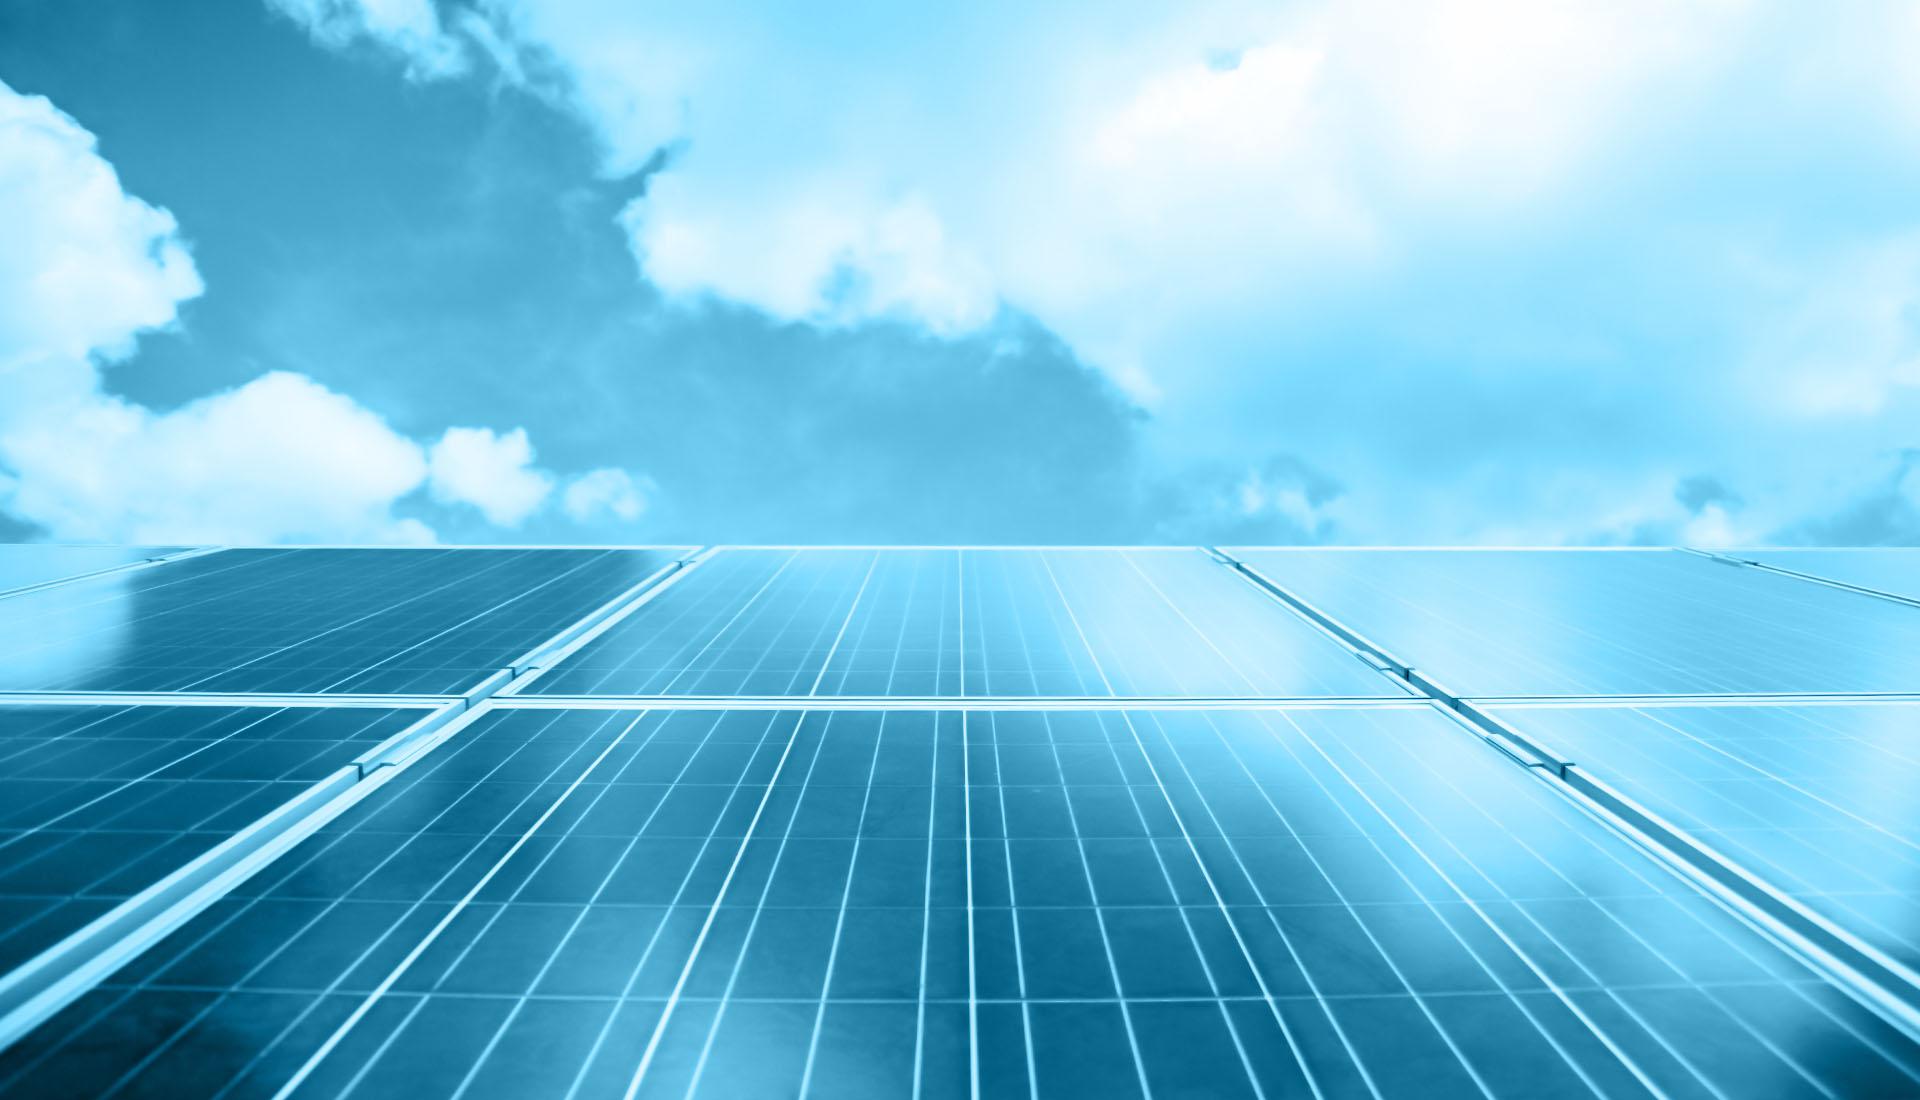 Pannelli fotovoltaici e cielo con nuvole